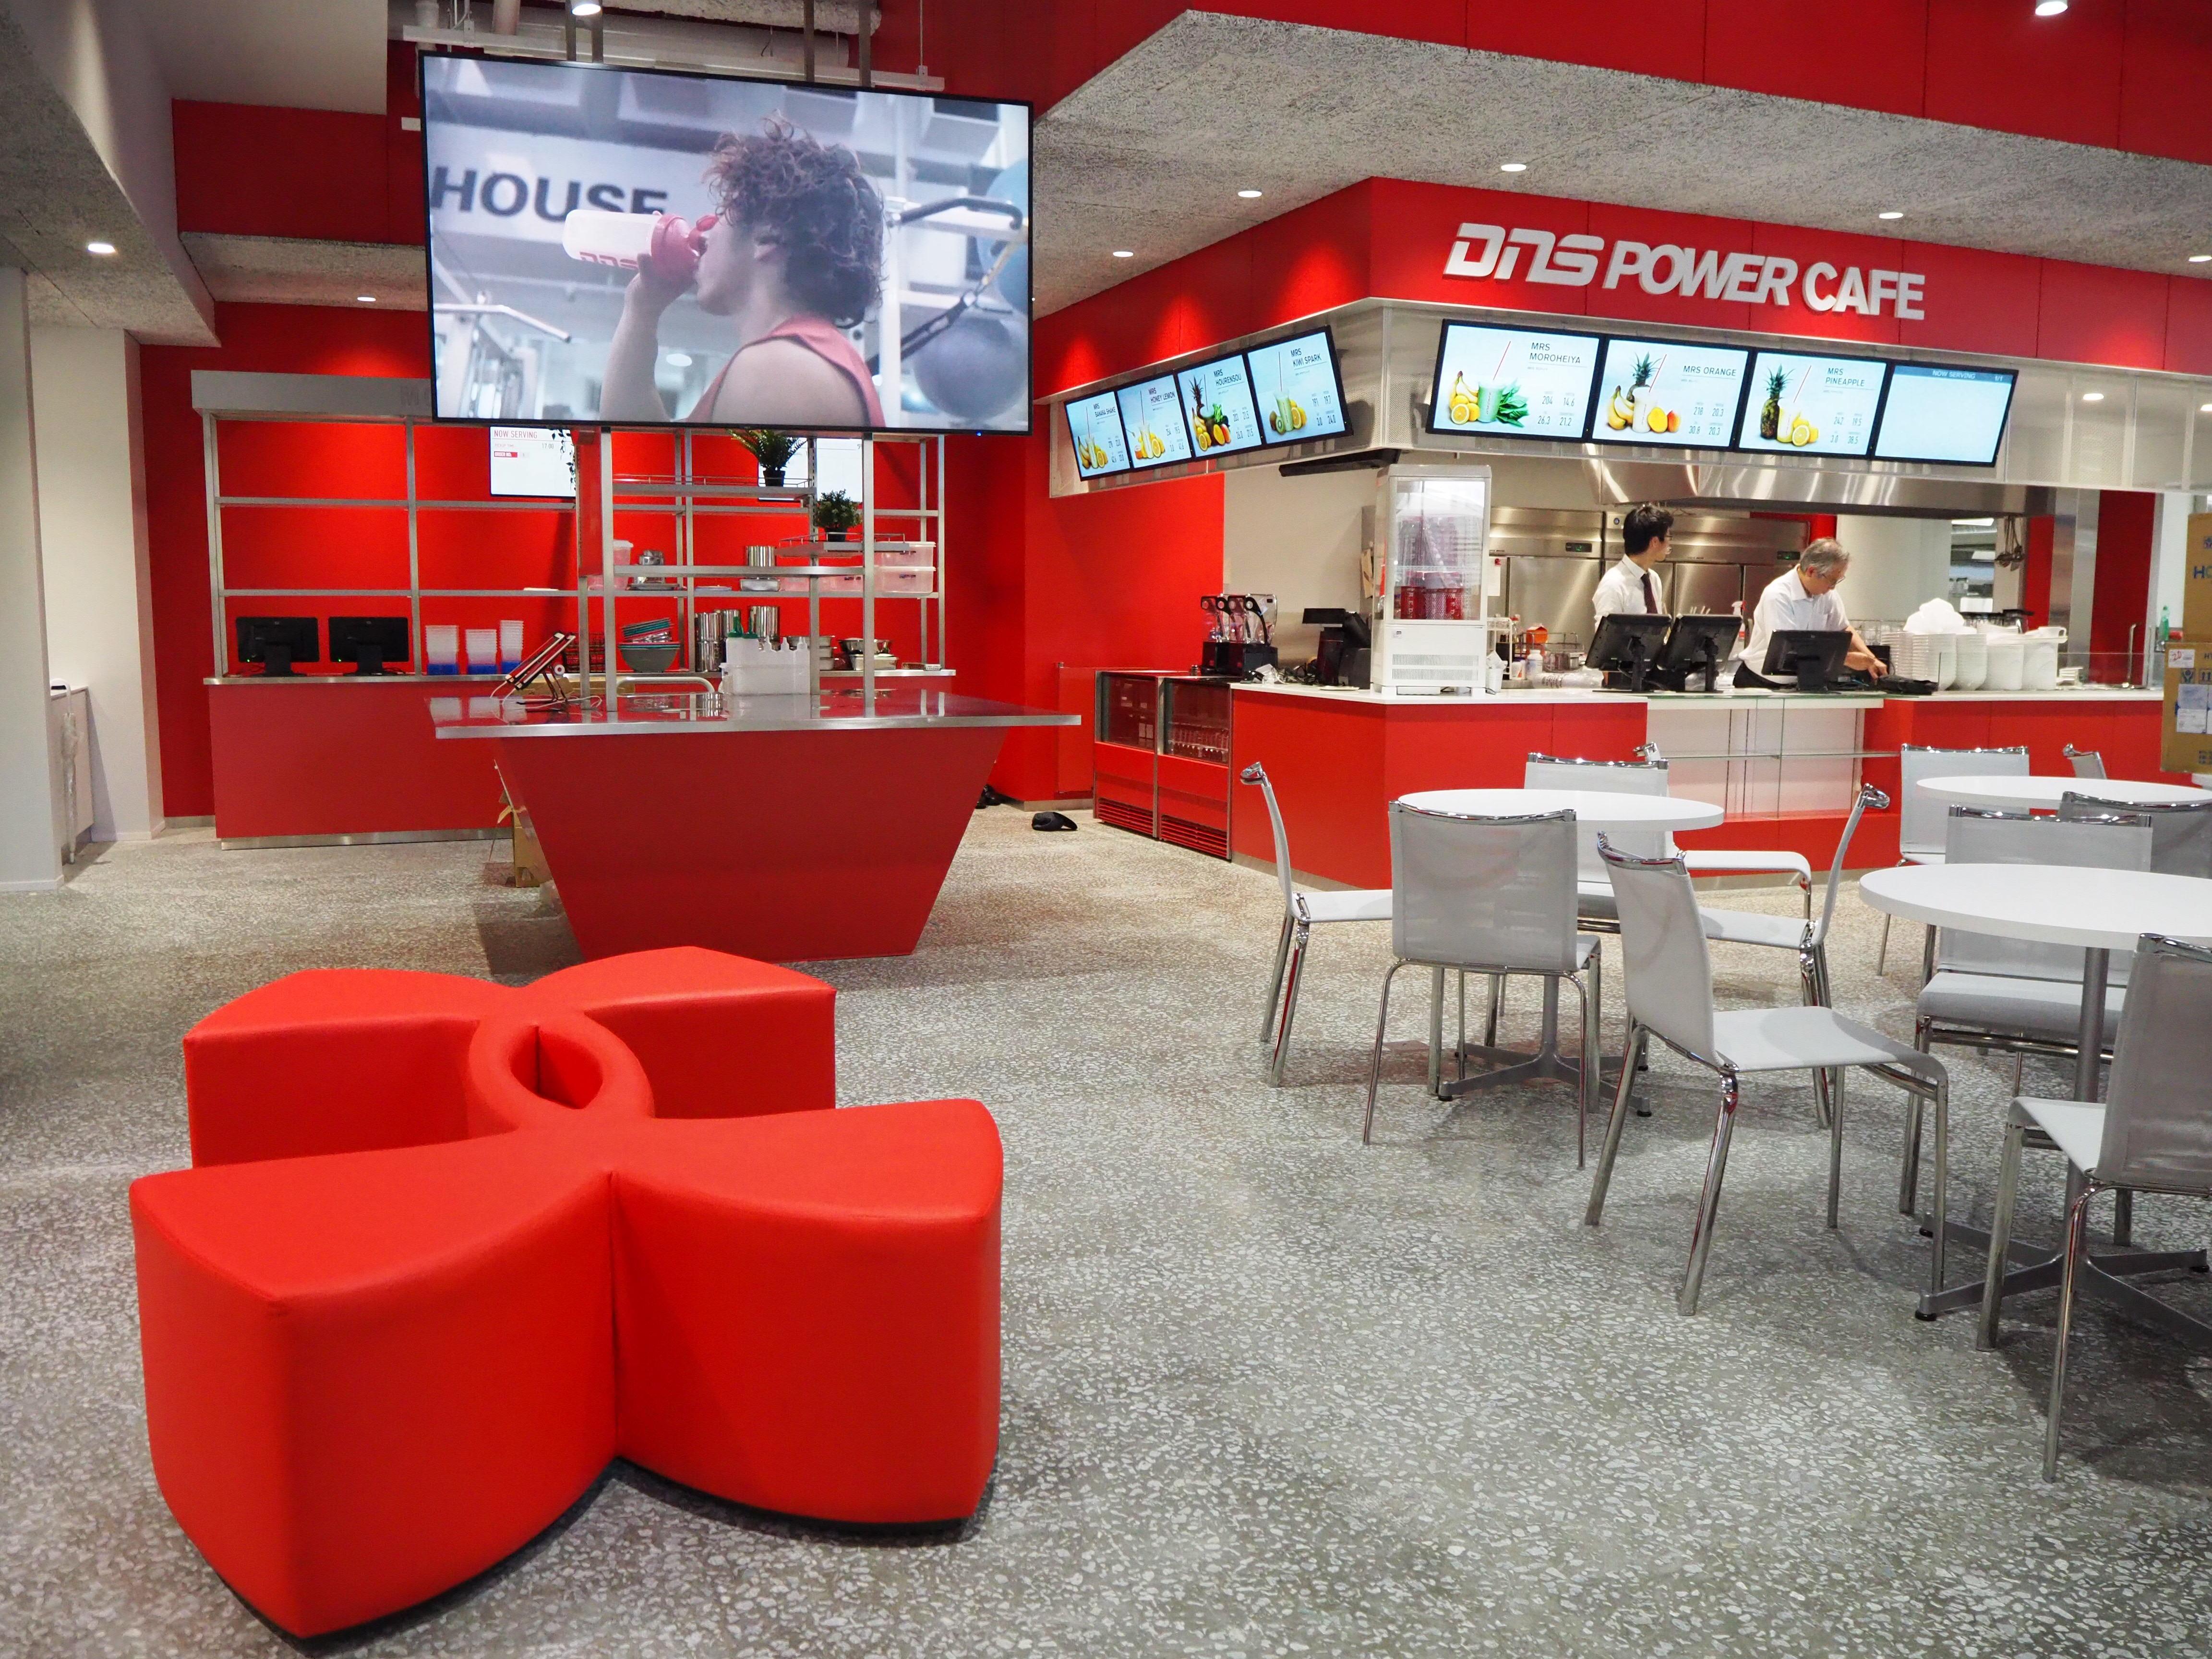 【次世代型 新食堂 オープン】日本の大学初!プロテイン入りのメニューも販売!